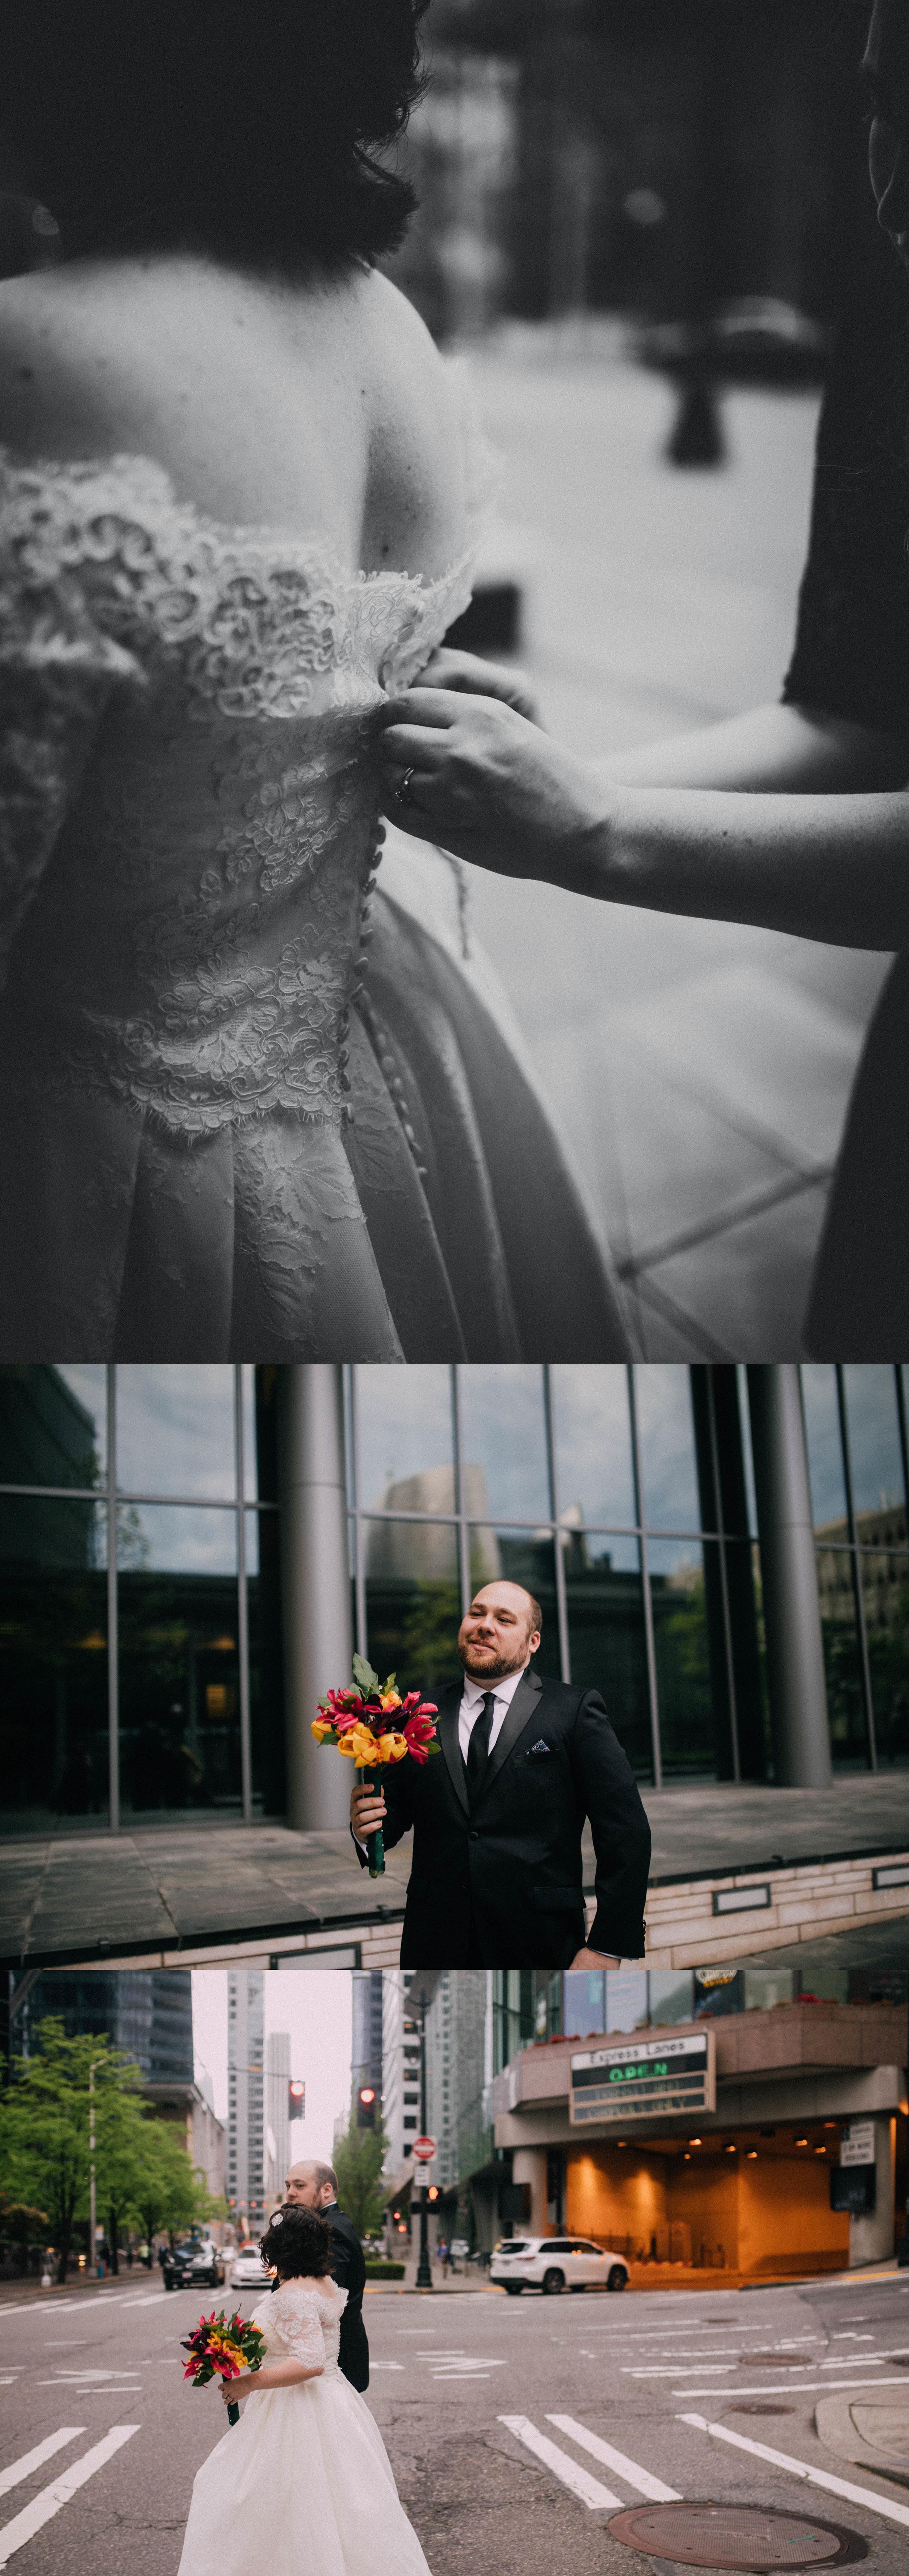 seattle washington courthouse wedding photographer elopement photographer-96.jpg